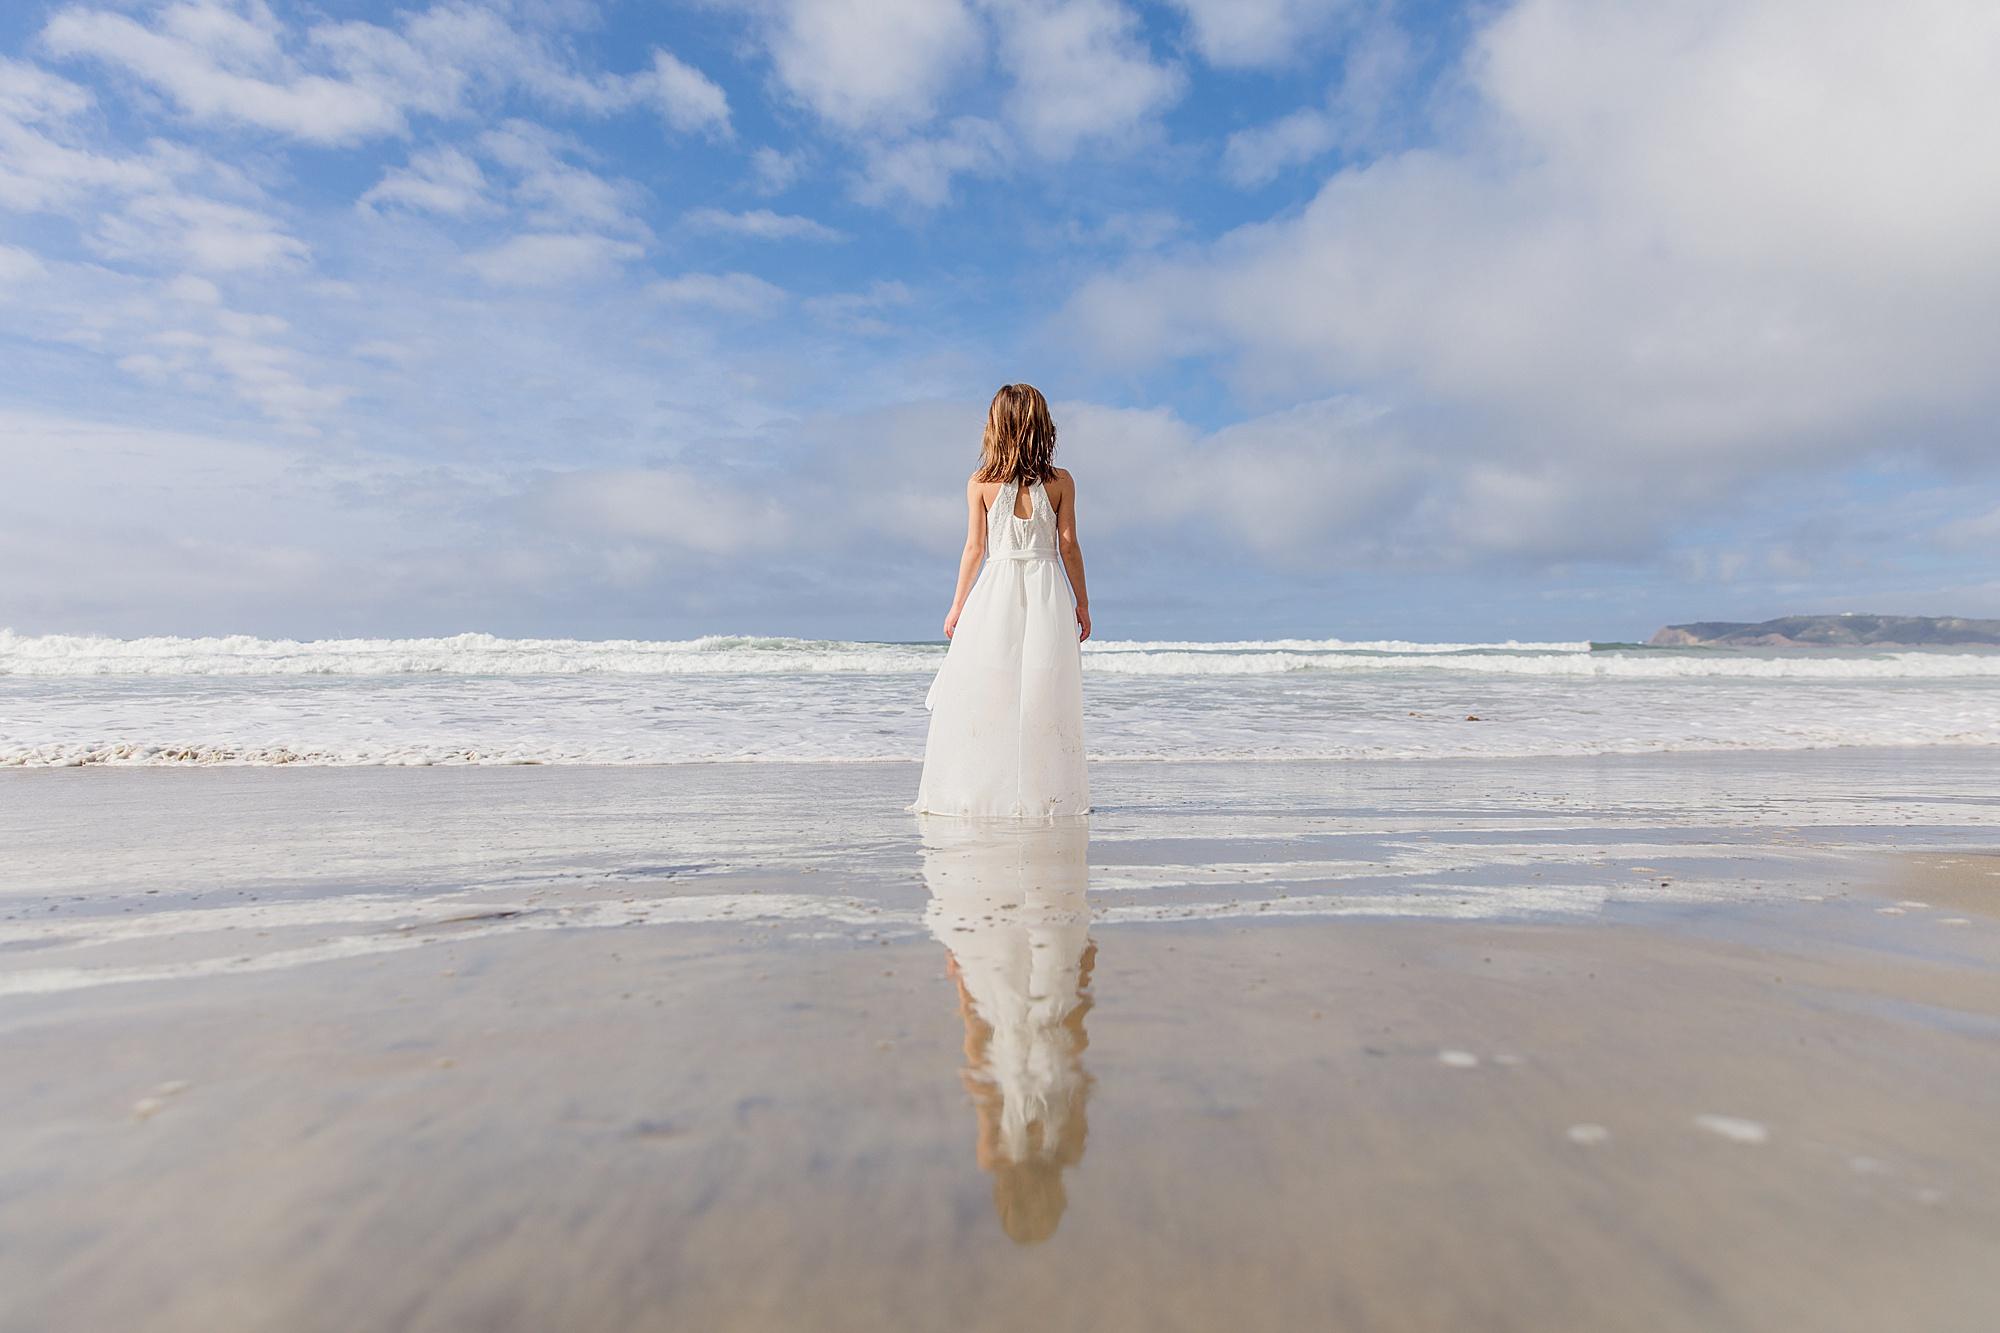 San Diego Photography | Hotel del Coronado Photography